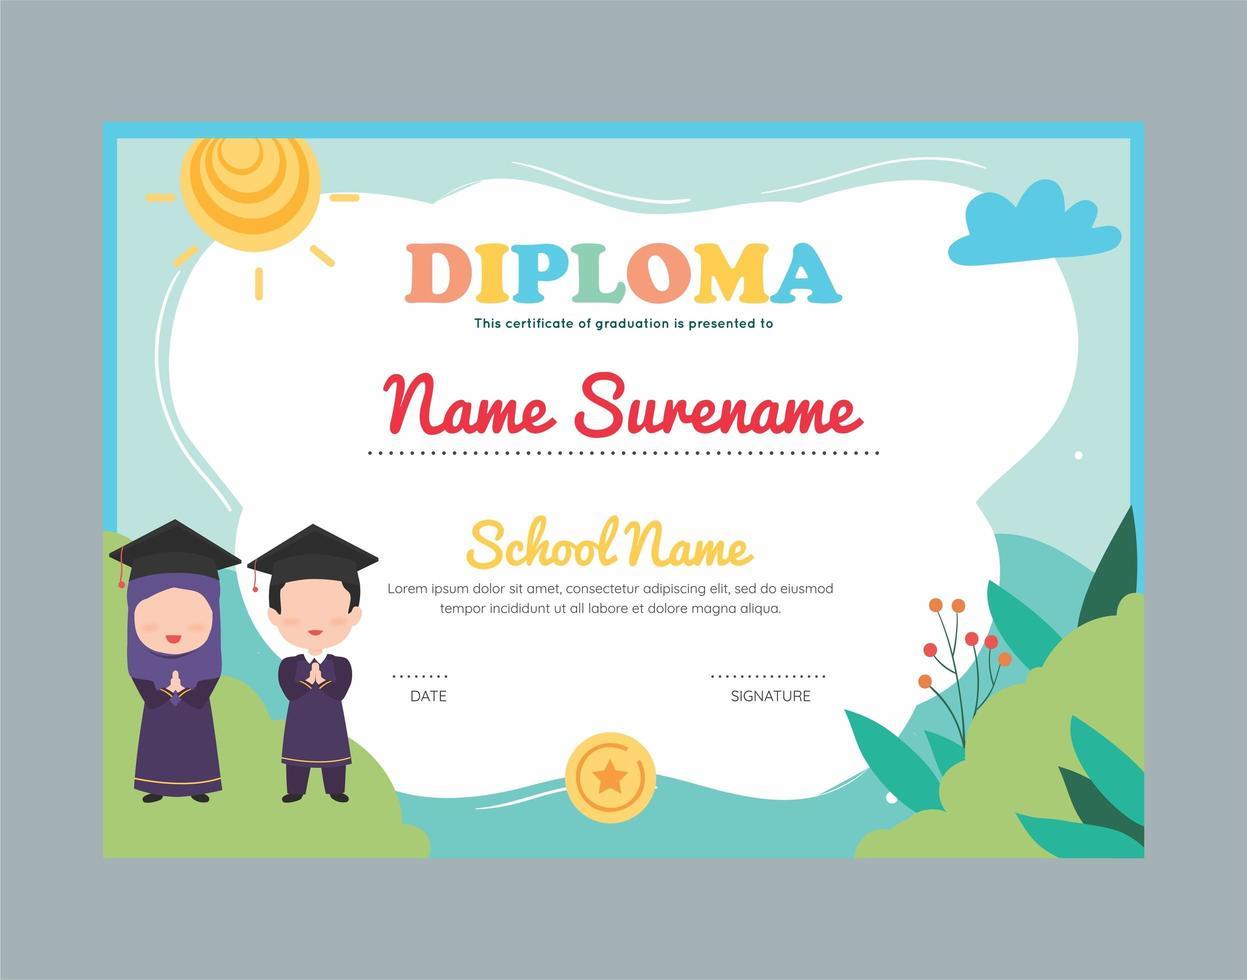 modèle de certificat de diplôme de jardin musulman pour les enfants vecteur